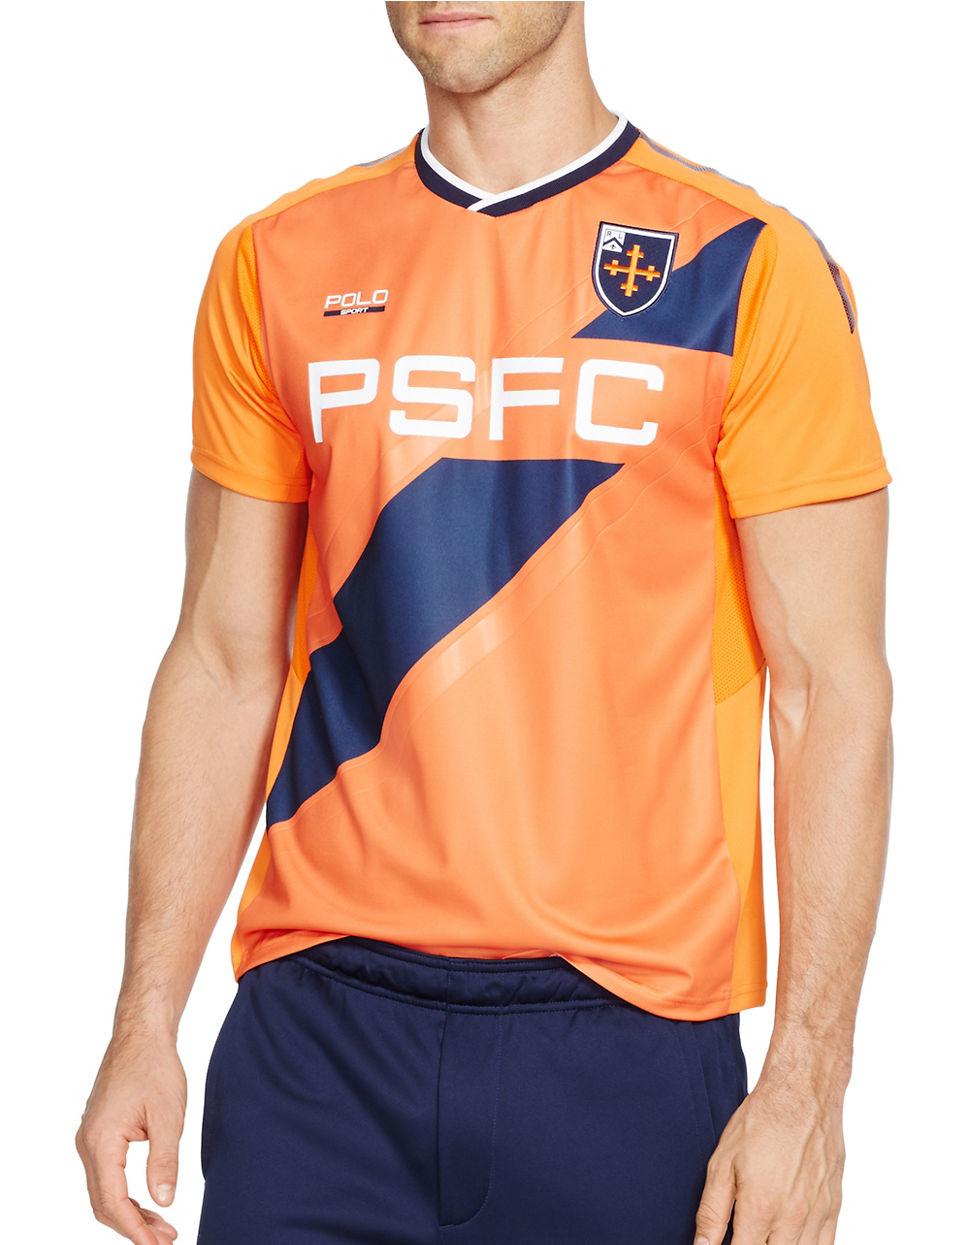 polo ralph lauren v neck soccer jersey in orange for men lyst. Black Bedroom Furniture Sets. Home Design Ideas